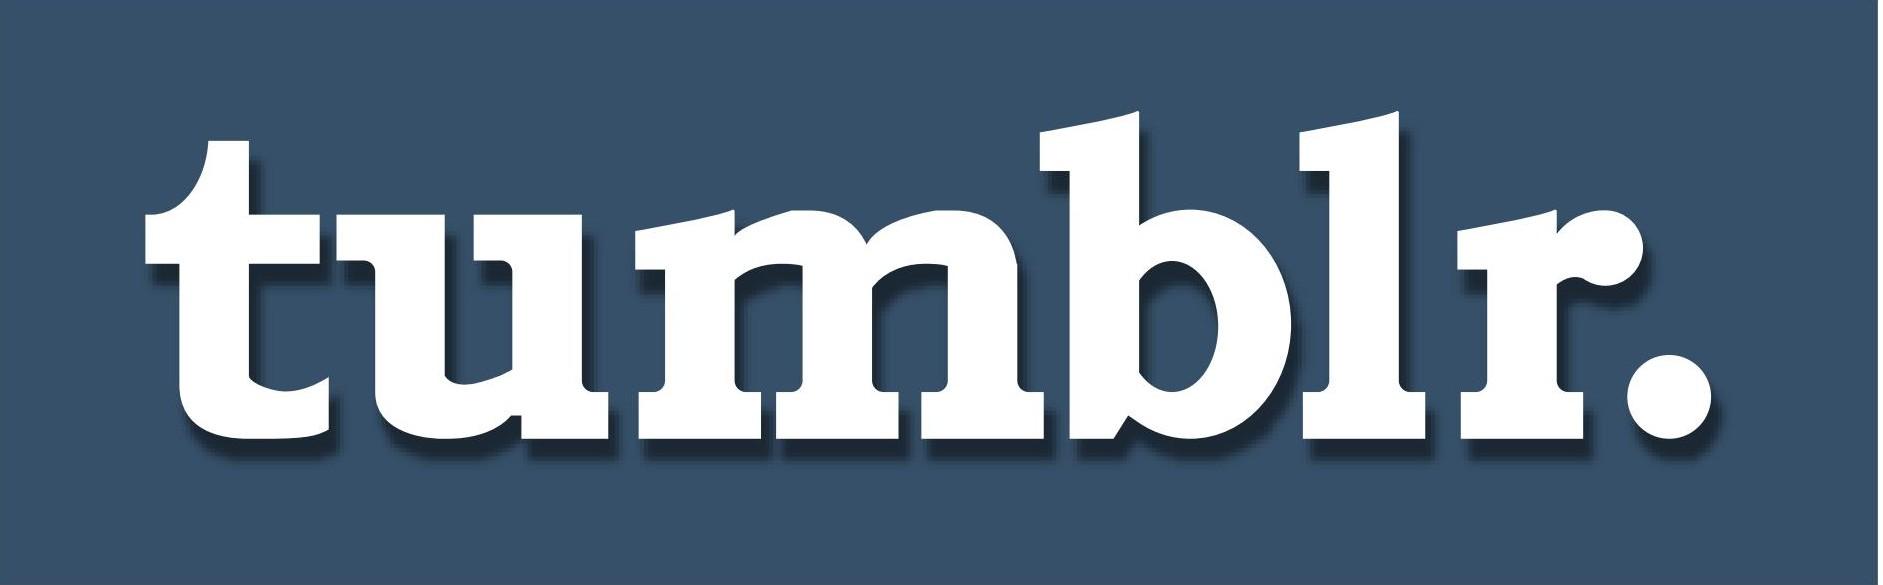 tumblr-logo-png.jpg